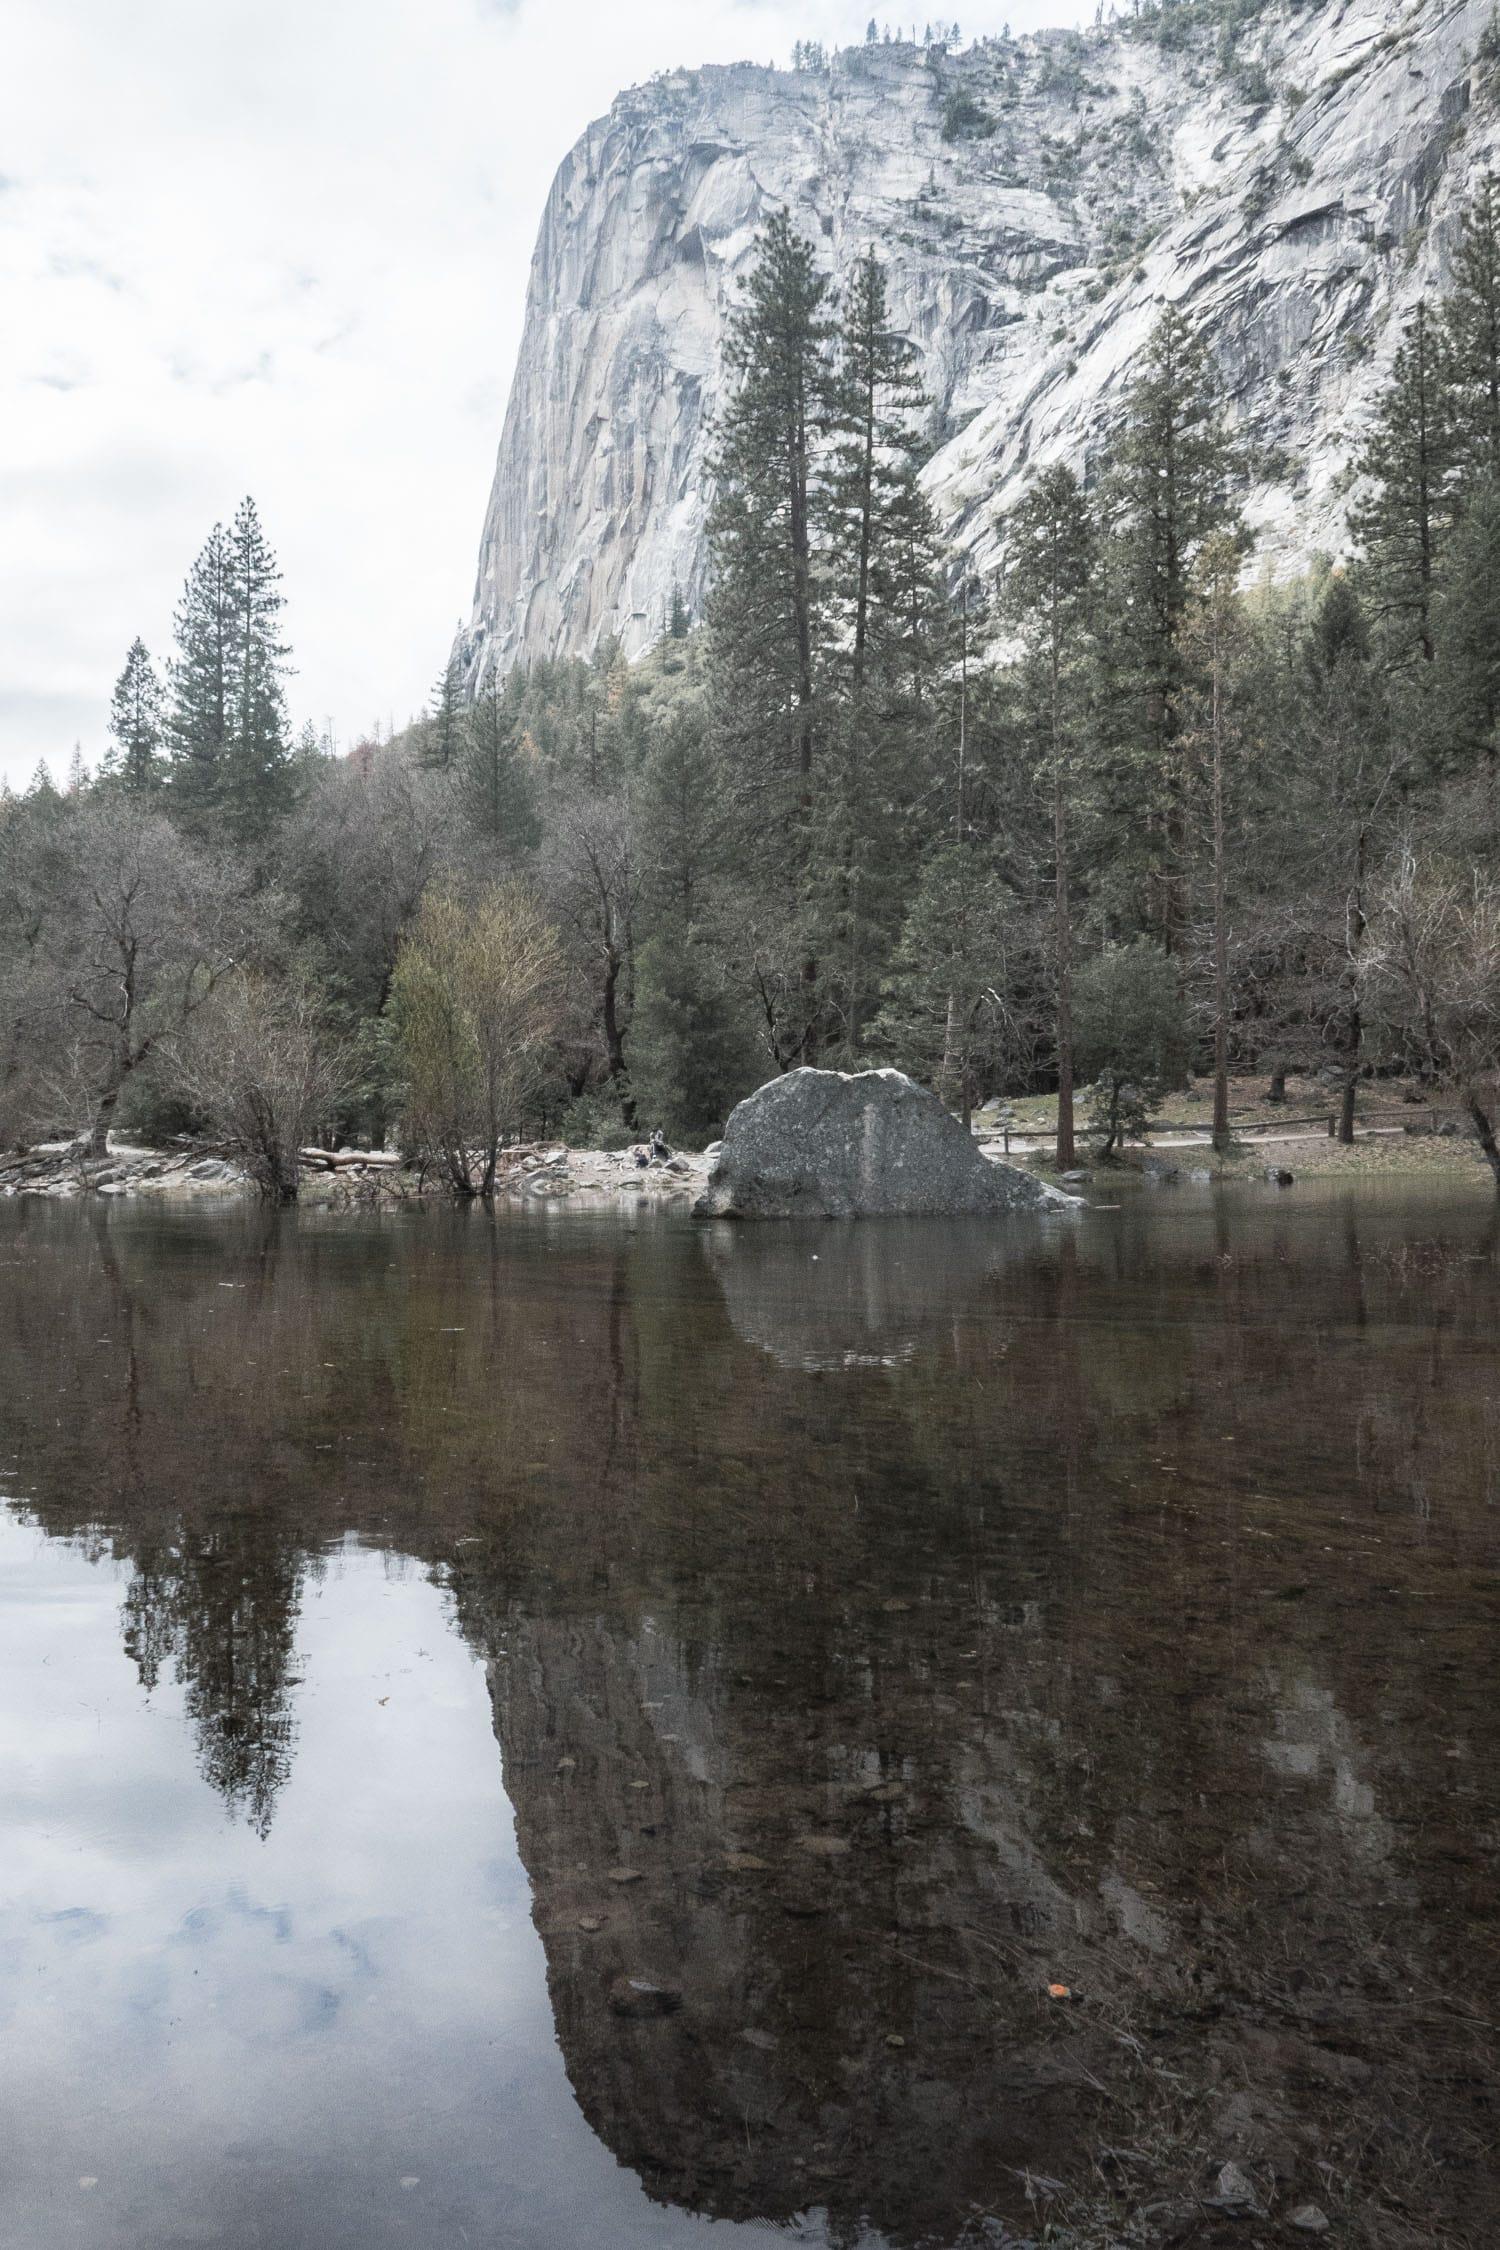 mirror lake, ansel adams, yosemite, californie, road trip